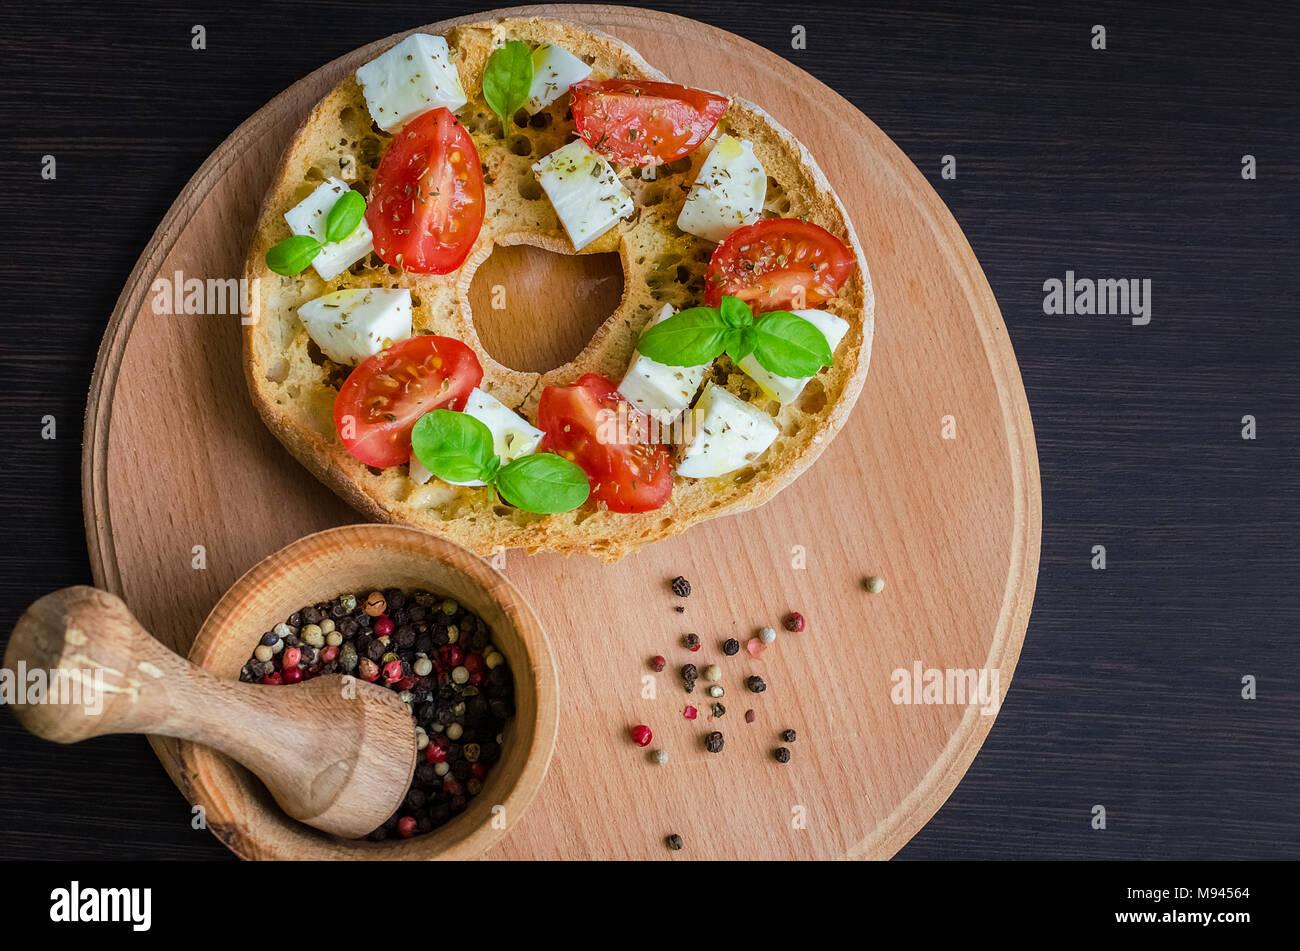 Frisella classica di pomodoro, formaggio mozzarella e basilico. Italiano friselle del motorino di avviamento. Pane secco chiamato freselle sulla tavola di legno. Il cibo italiano. Una sana v Immagini Stock